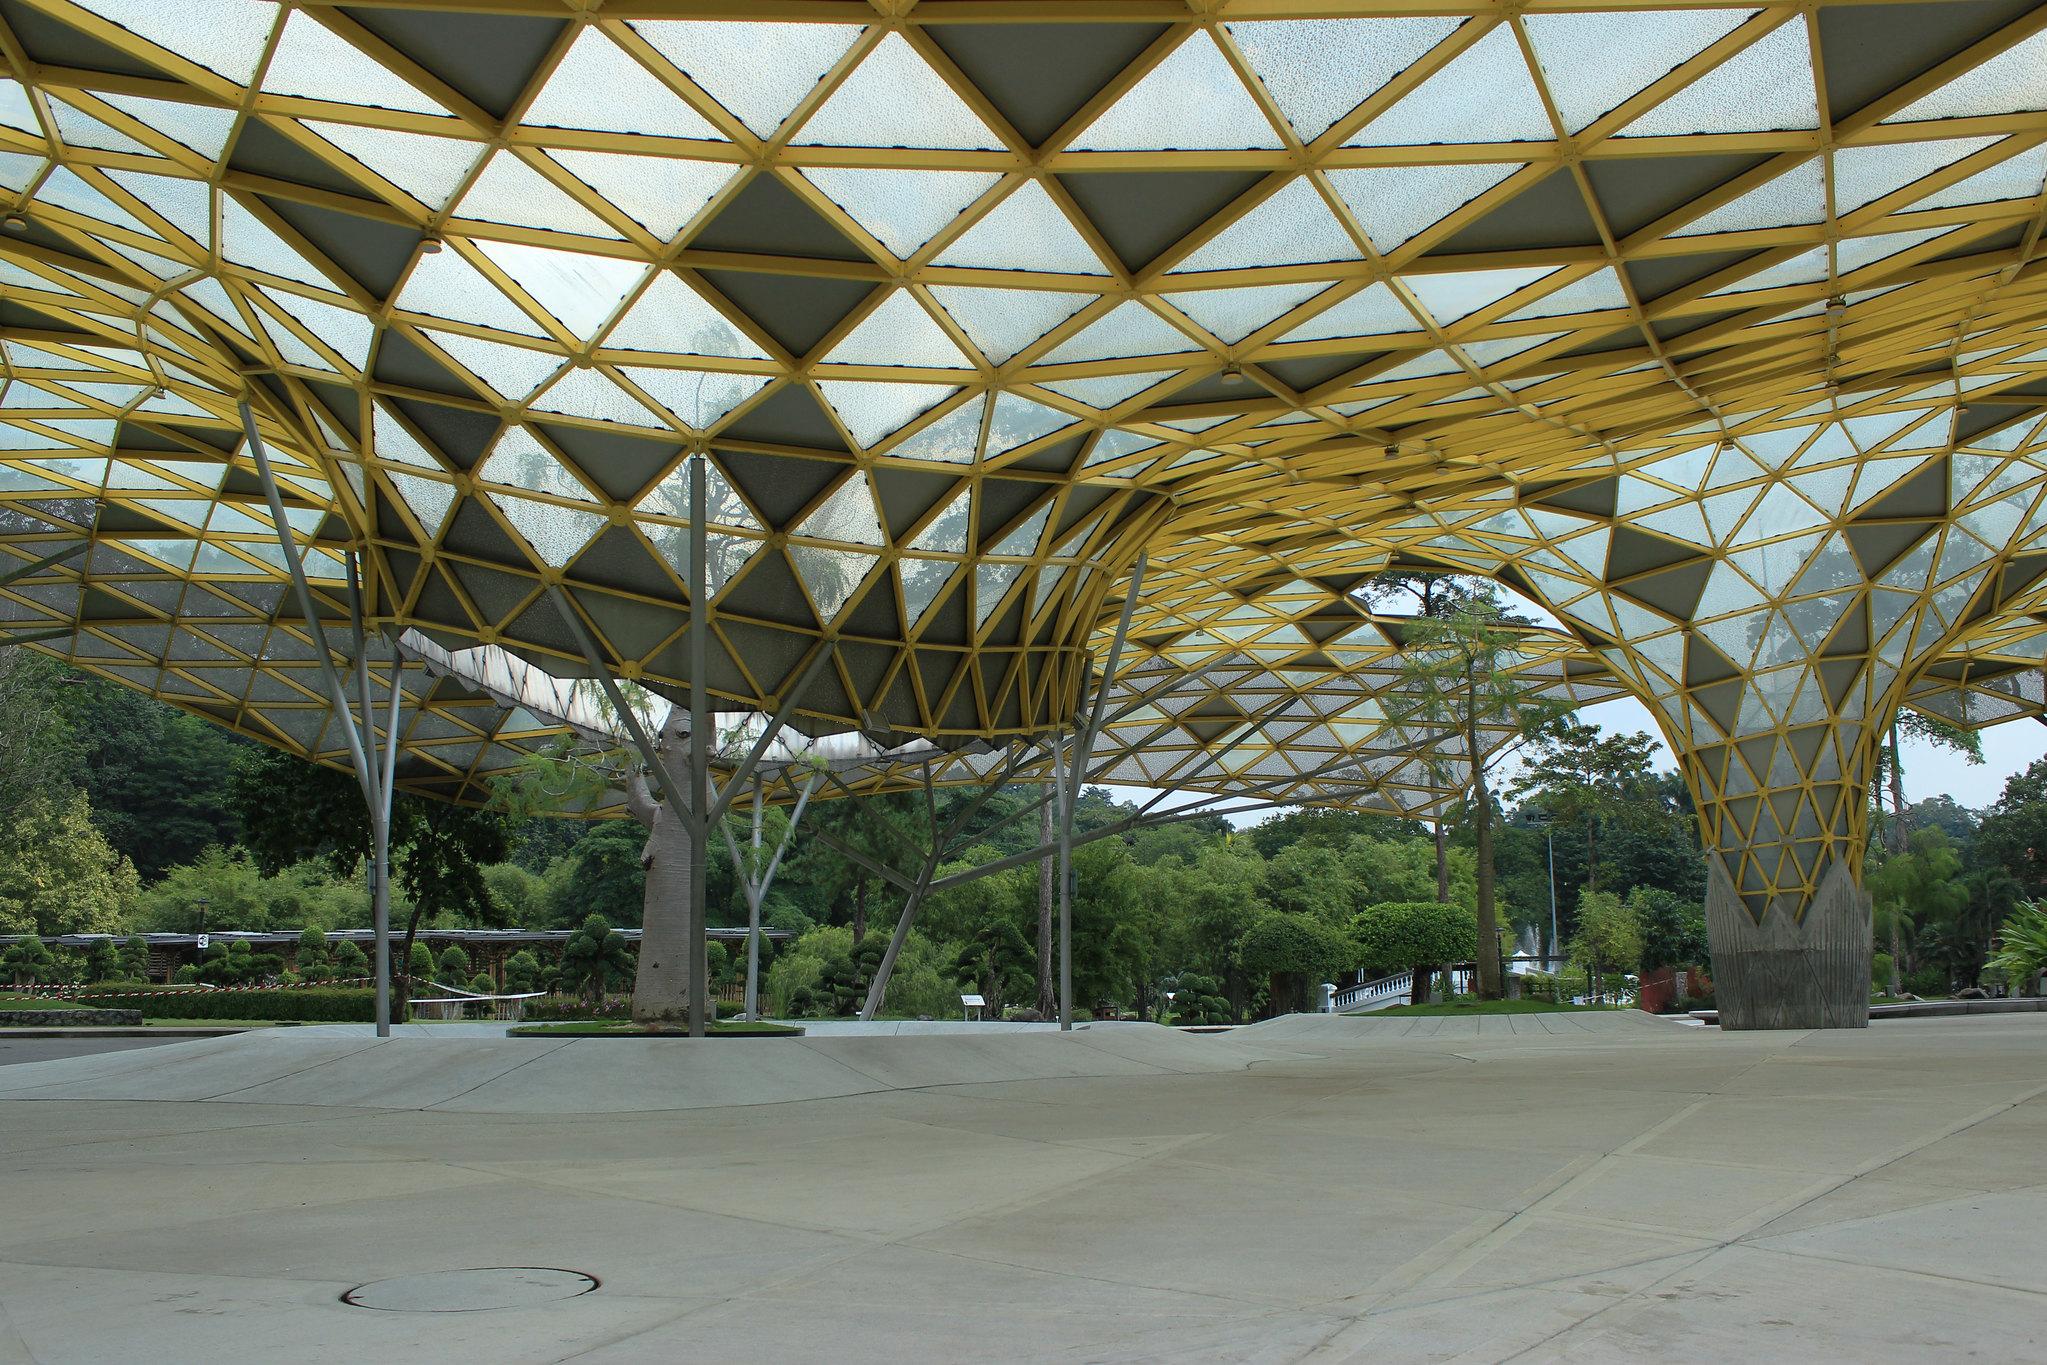 naturally occurring skatepark